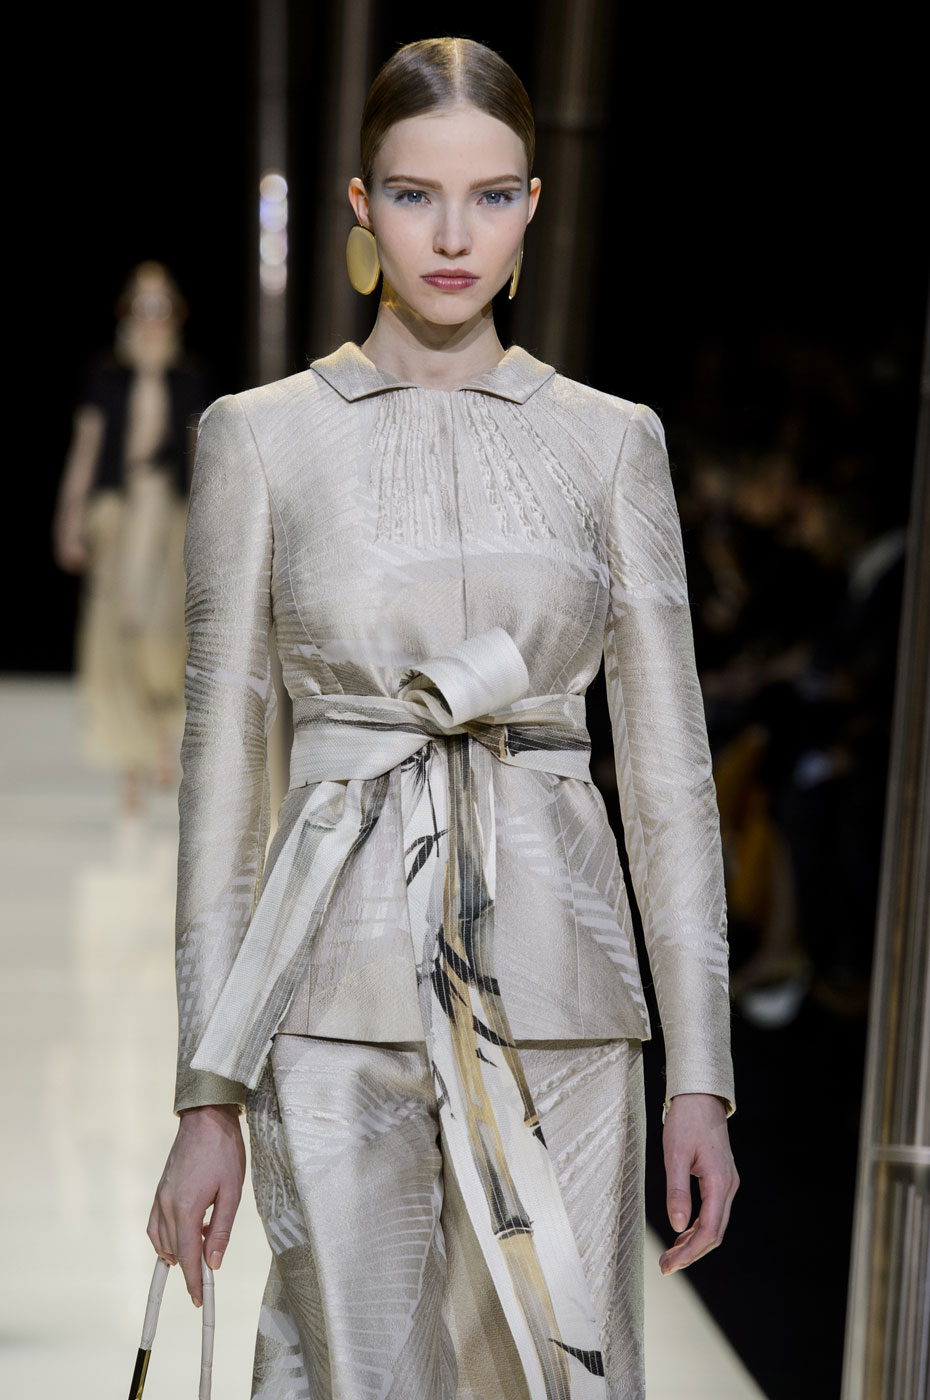 Giorgio-armani-Prive-fashion-runway-show-haute-couture-paris-spring-2015-the-impression-020